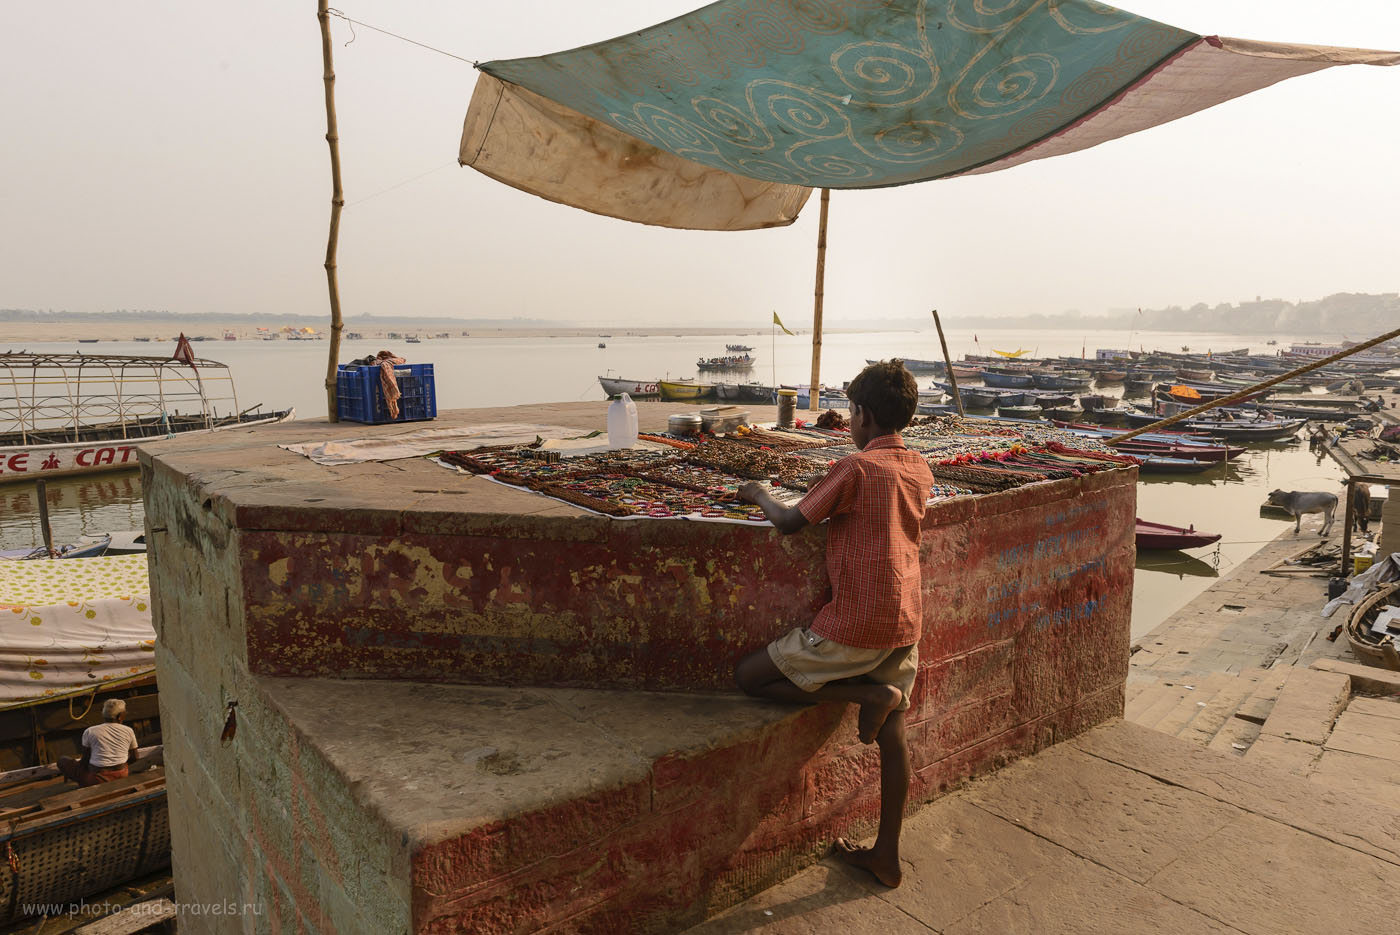 Фотография 10. Продавец сувениров в Бенаресе. Отчет о путешествии по Индии. 1/125, 10.0, 200, 24